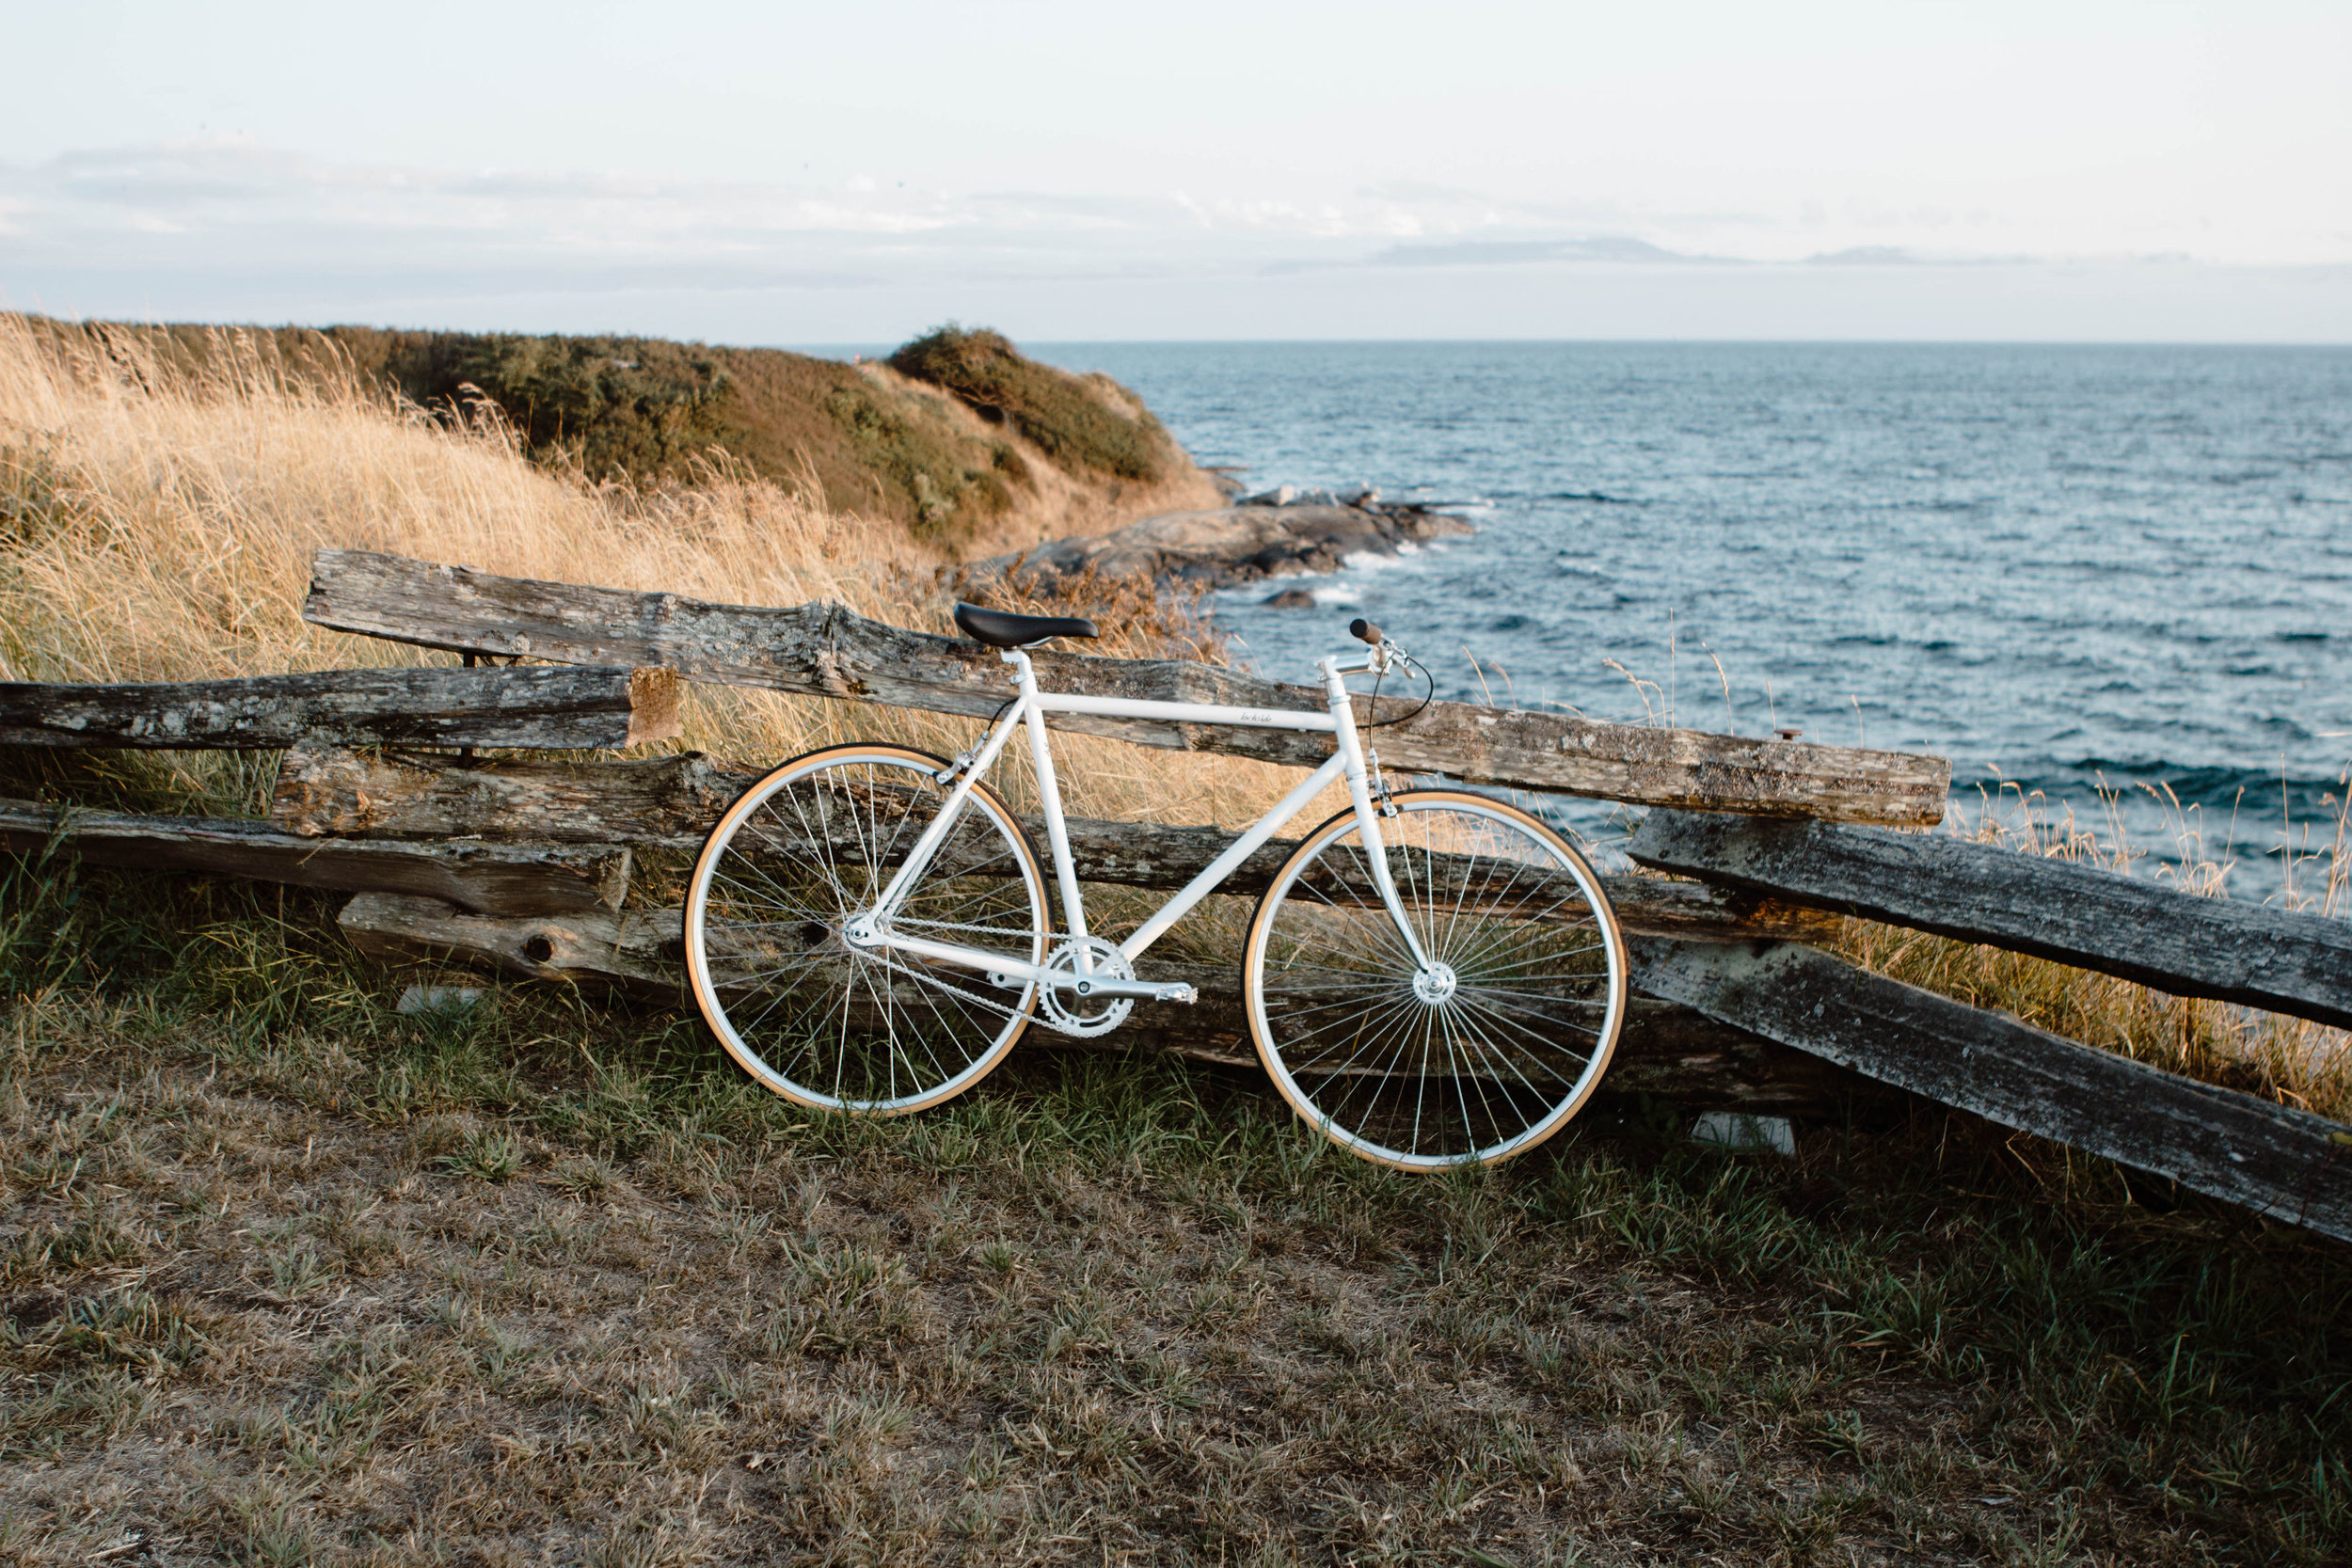 Lochside Cycles Single Speed Fixed Gear City Bike71.jpg